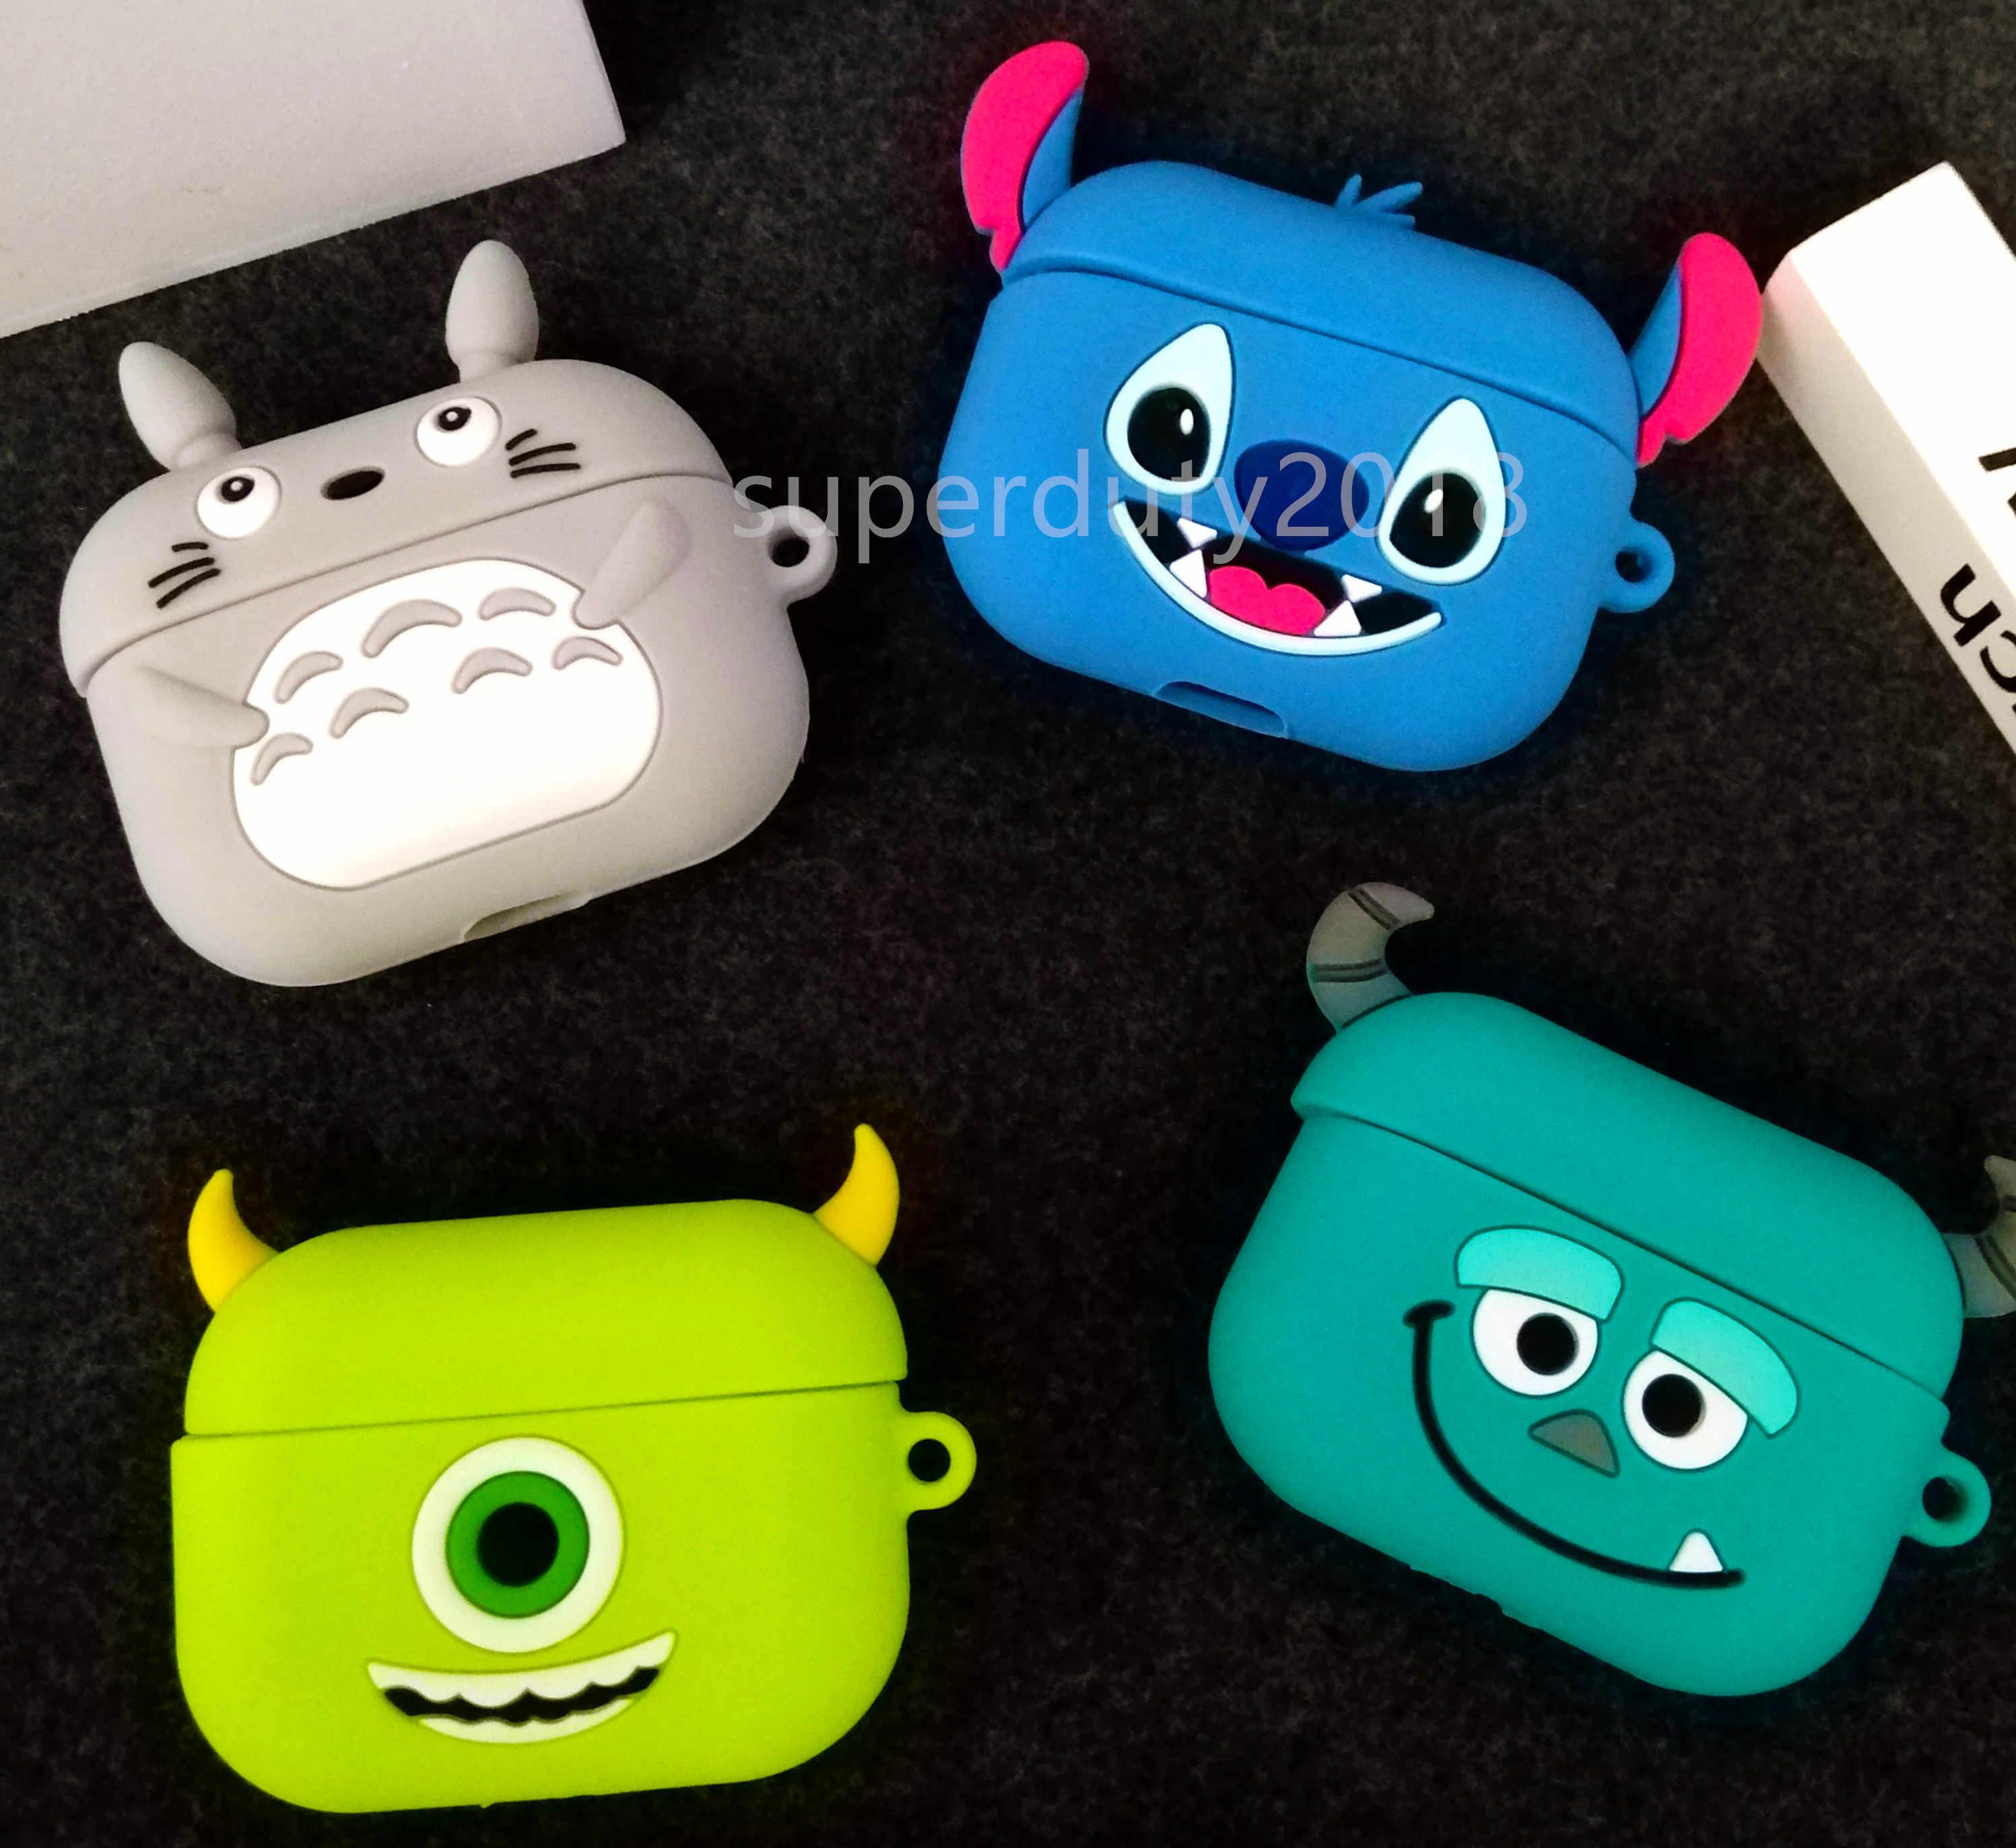 Śliczne etui do Airpods Pro etui bezprzewodowe do apple Airpods Pro 3 skrzynki pokrywa do air pods pro silikonowe etui na słuchawki ochronne